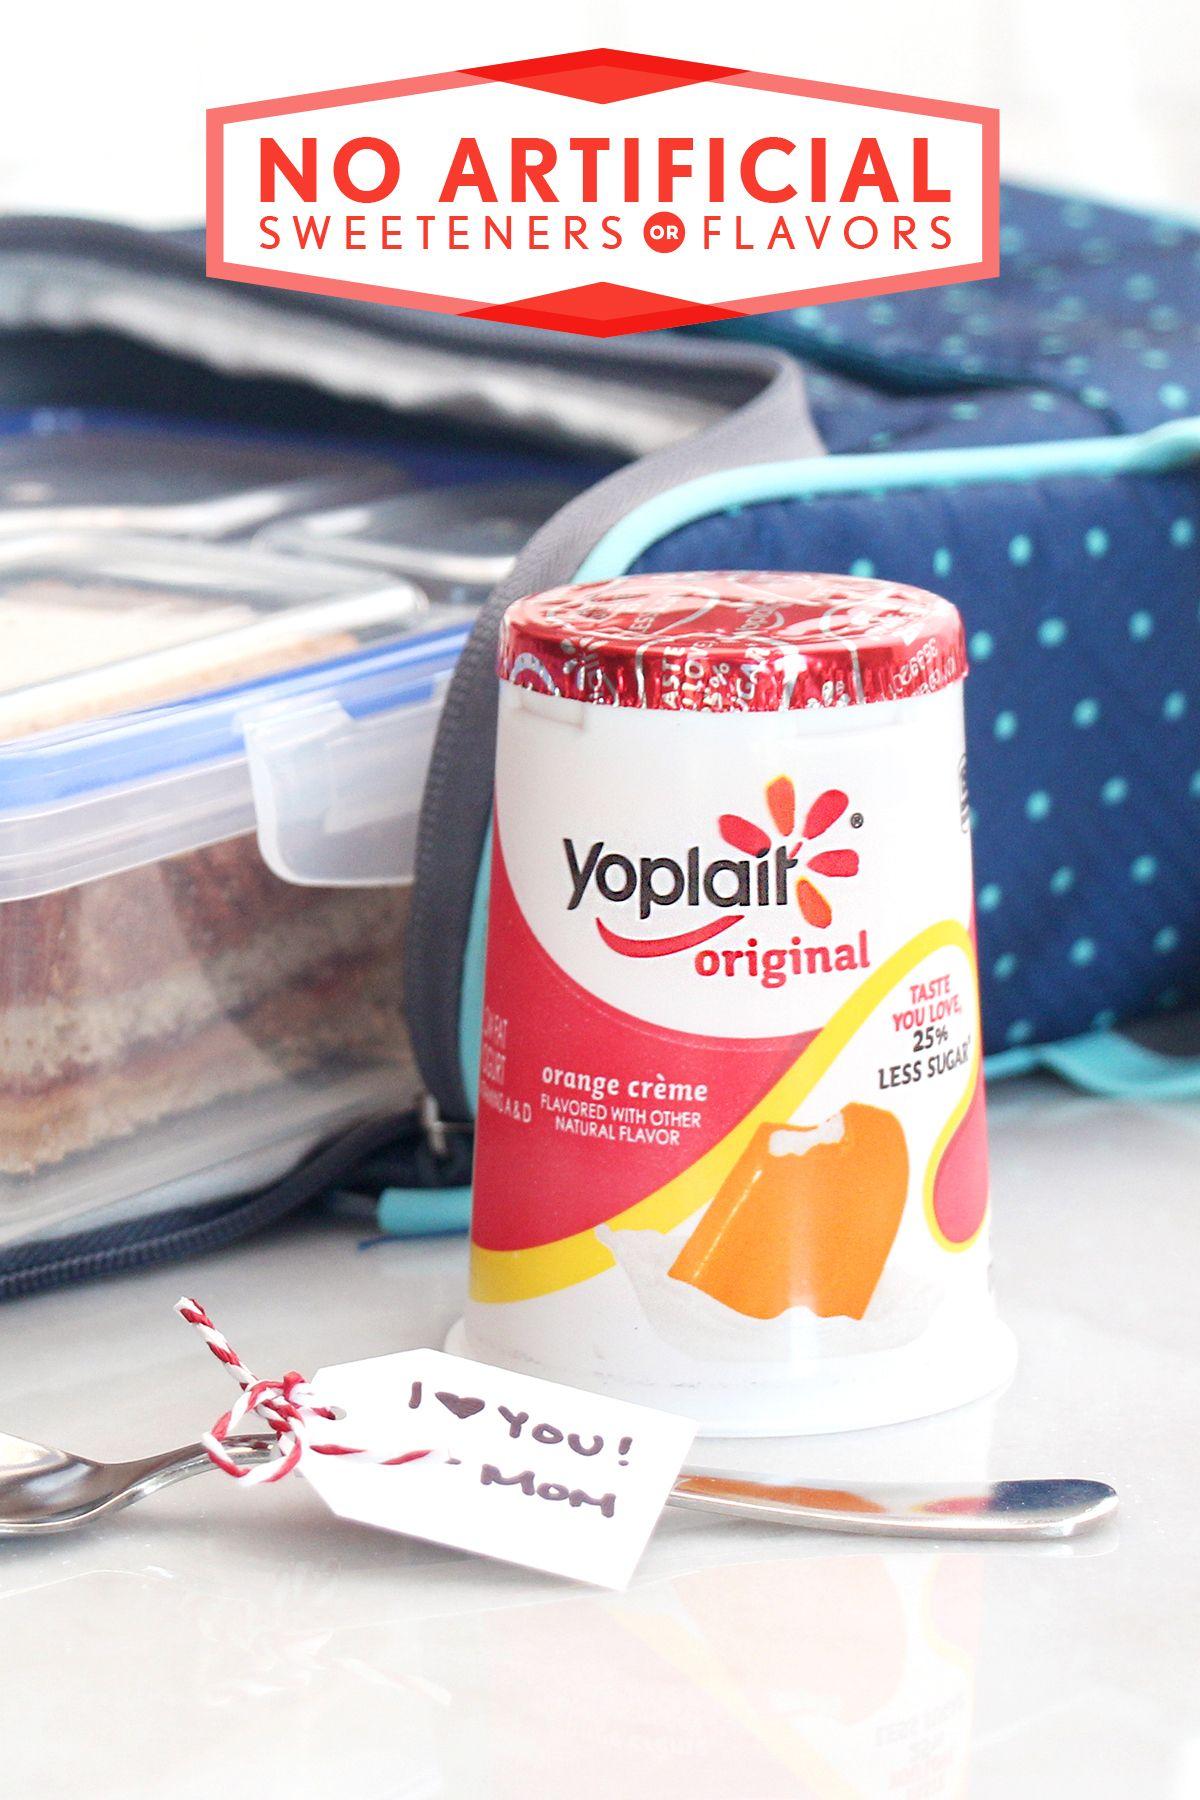 Yoplait Original Yogurt 25 Less Sugar Yoplait Yoplait Yogurt Flavors Yoplait Yogurt